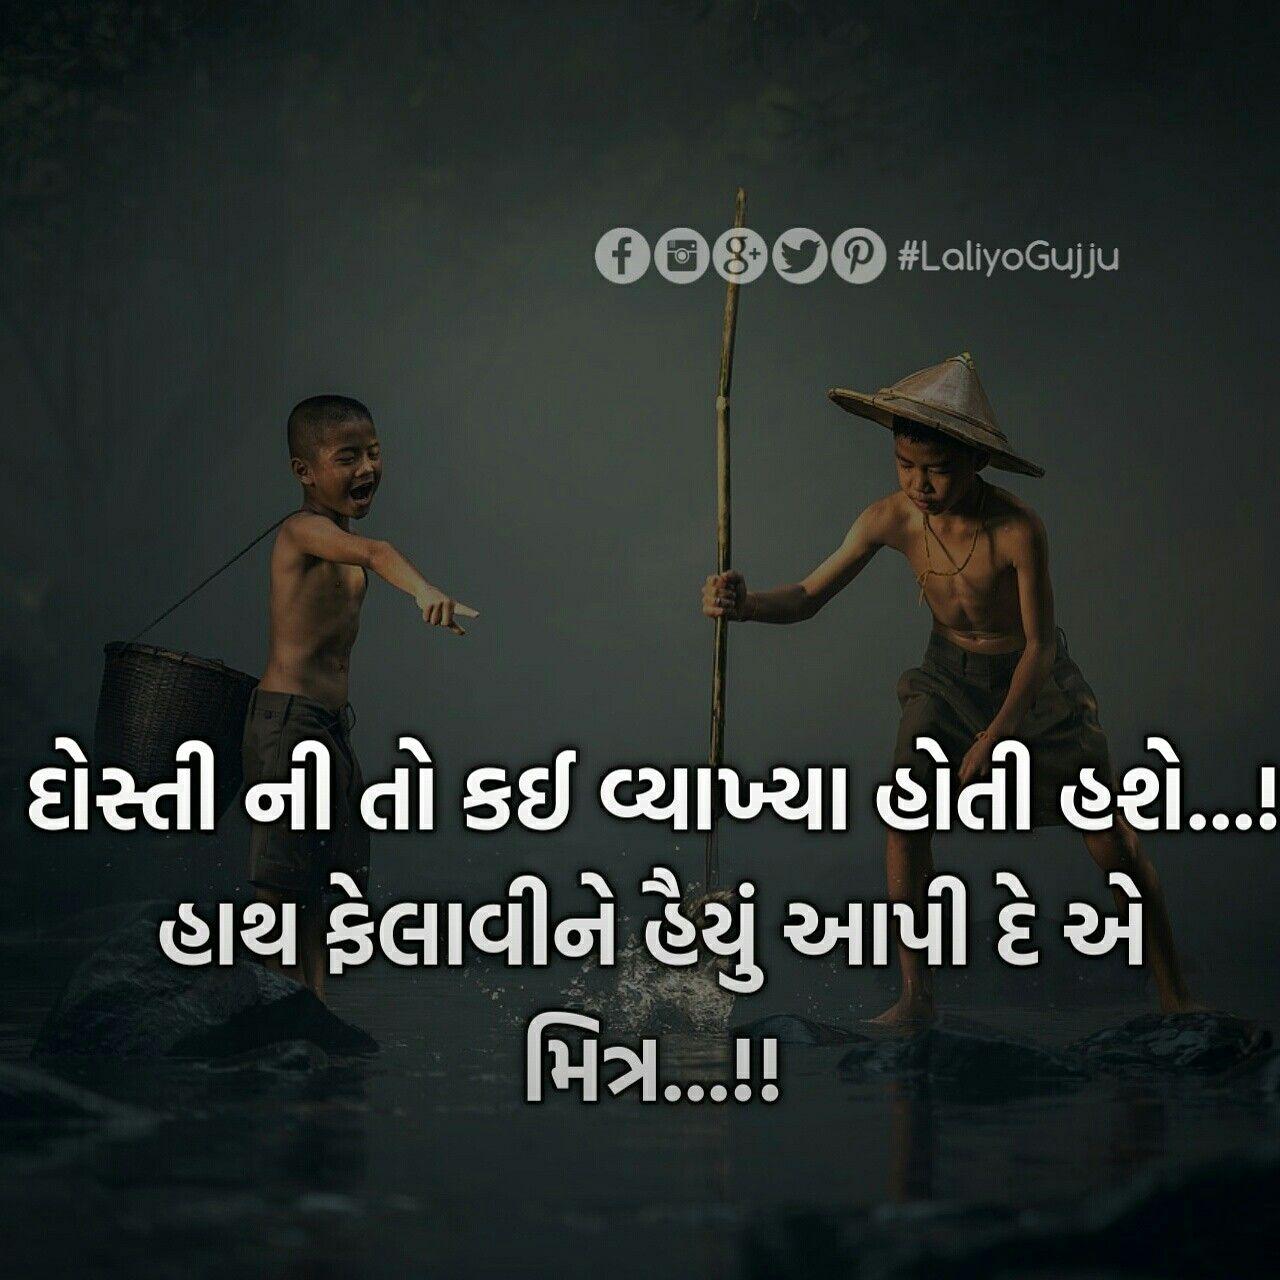 friendship quote in gujarati language dosti gujju friends quotes